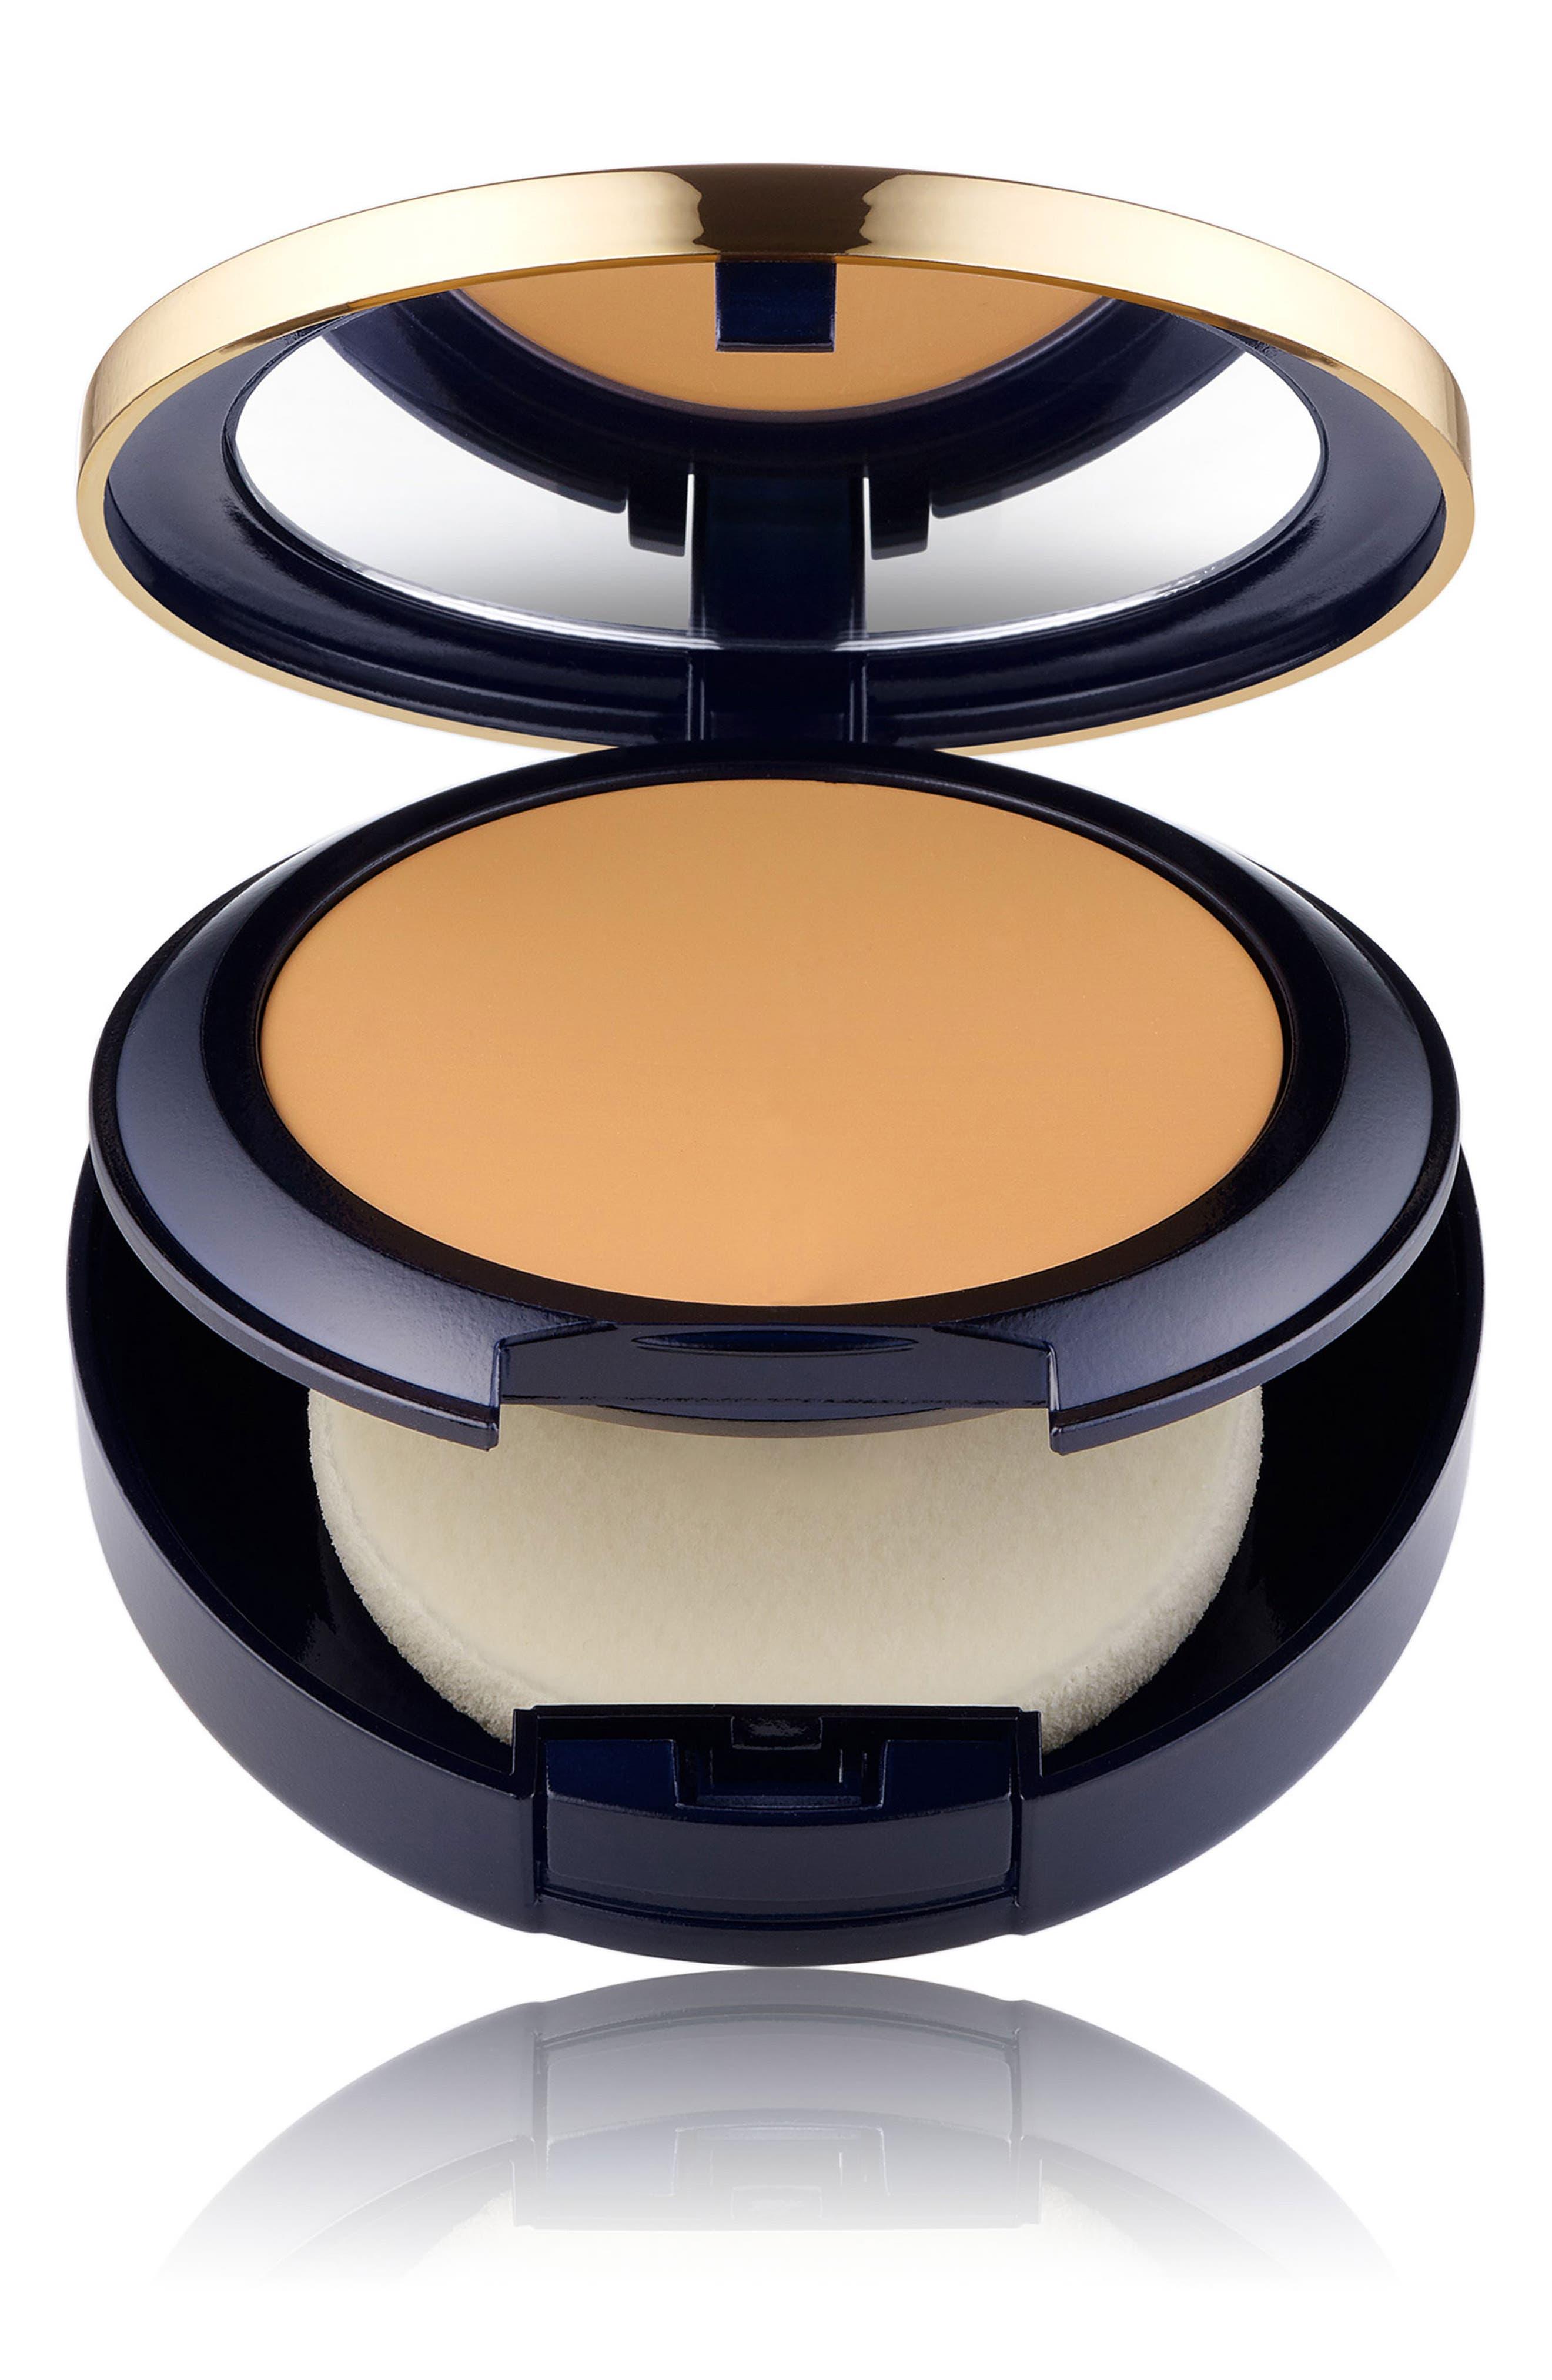 Estee Lauder Double Wear Stay In Place Matte Powder Foundation - 5W1.5 Cinnamon